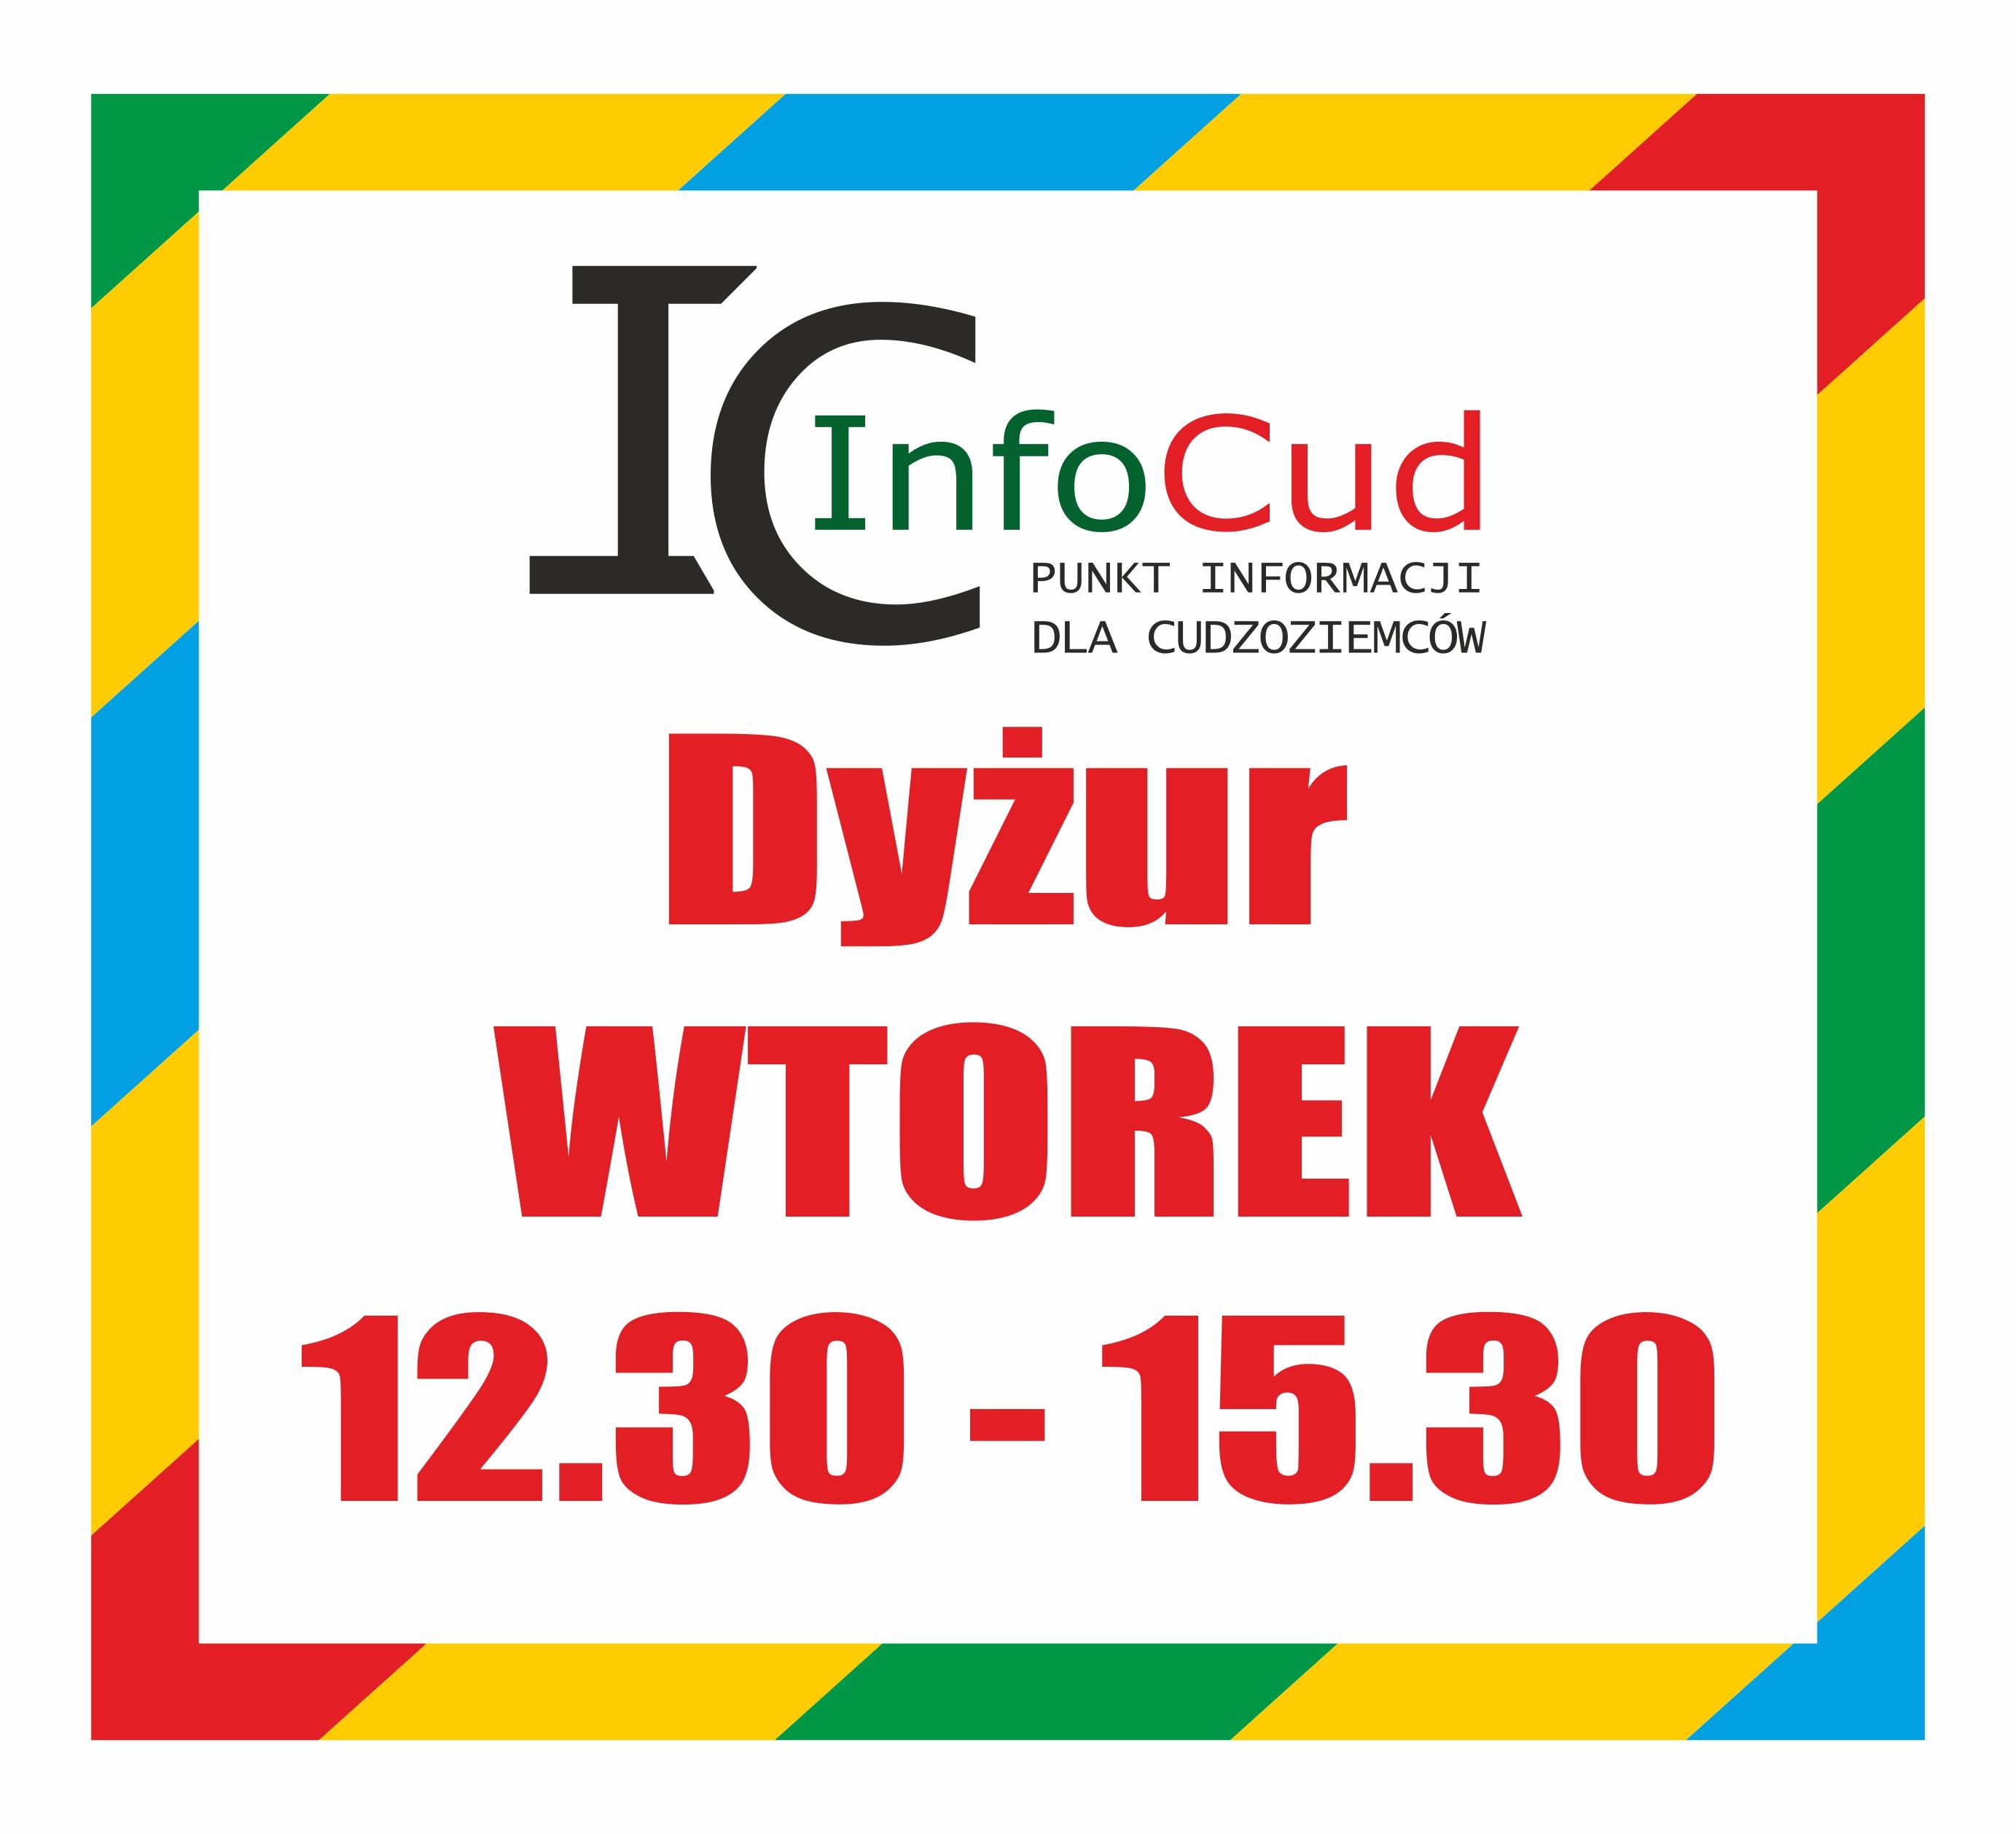 """Punkt Informacji dla Cudzoziemców """"InfoCud"""" w Gorzowie Wlkp. nadal działa!"""